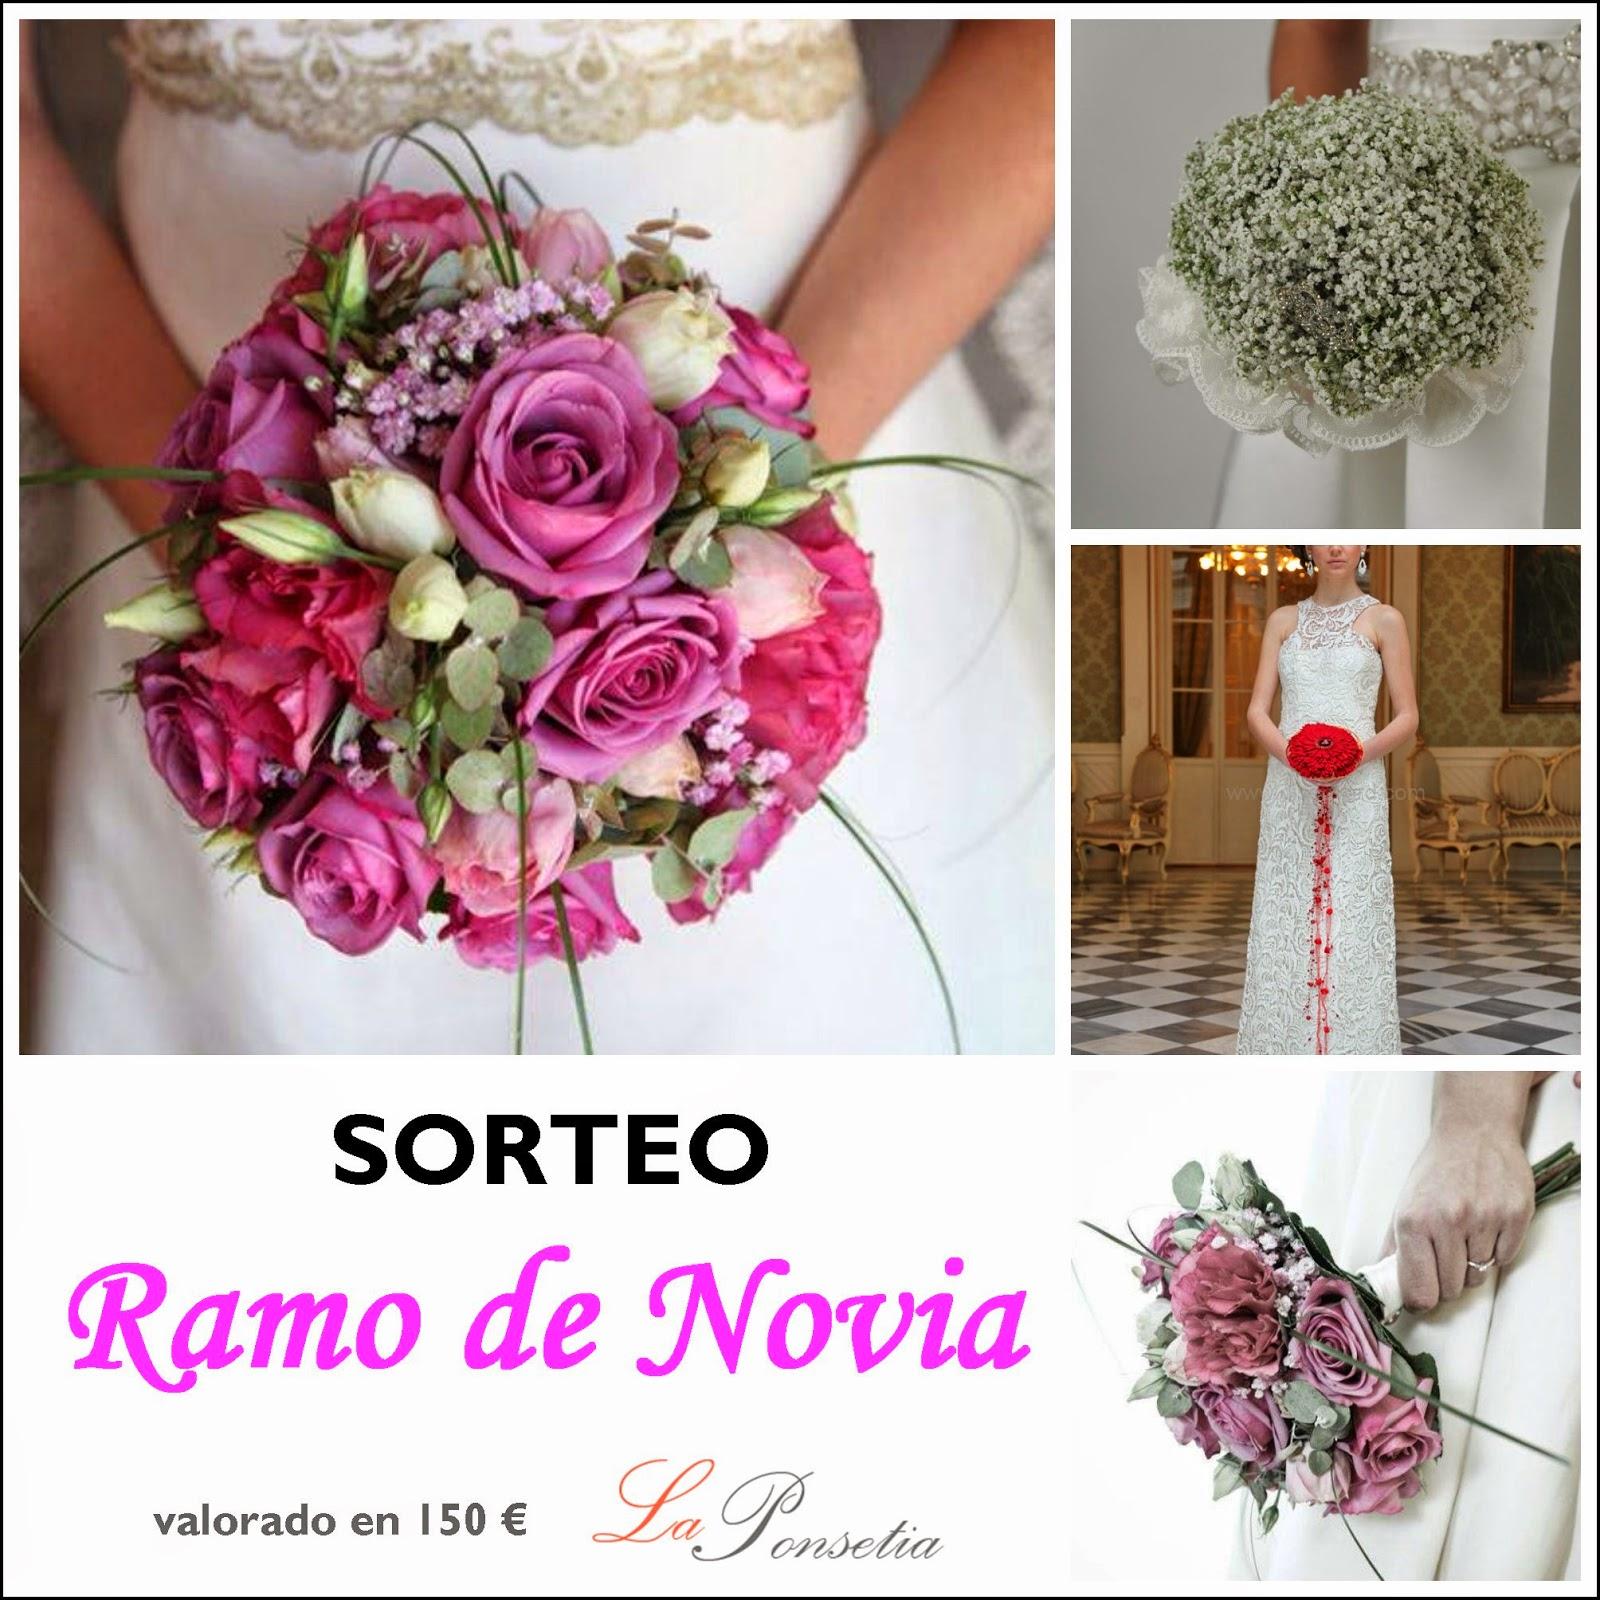 sorteo ramo de novia floristeria la ponsetia madrid blog bodas mi boda gratis